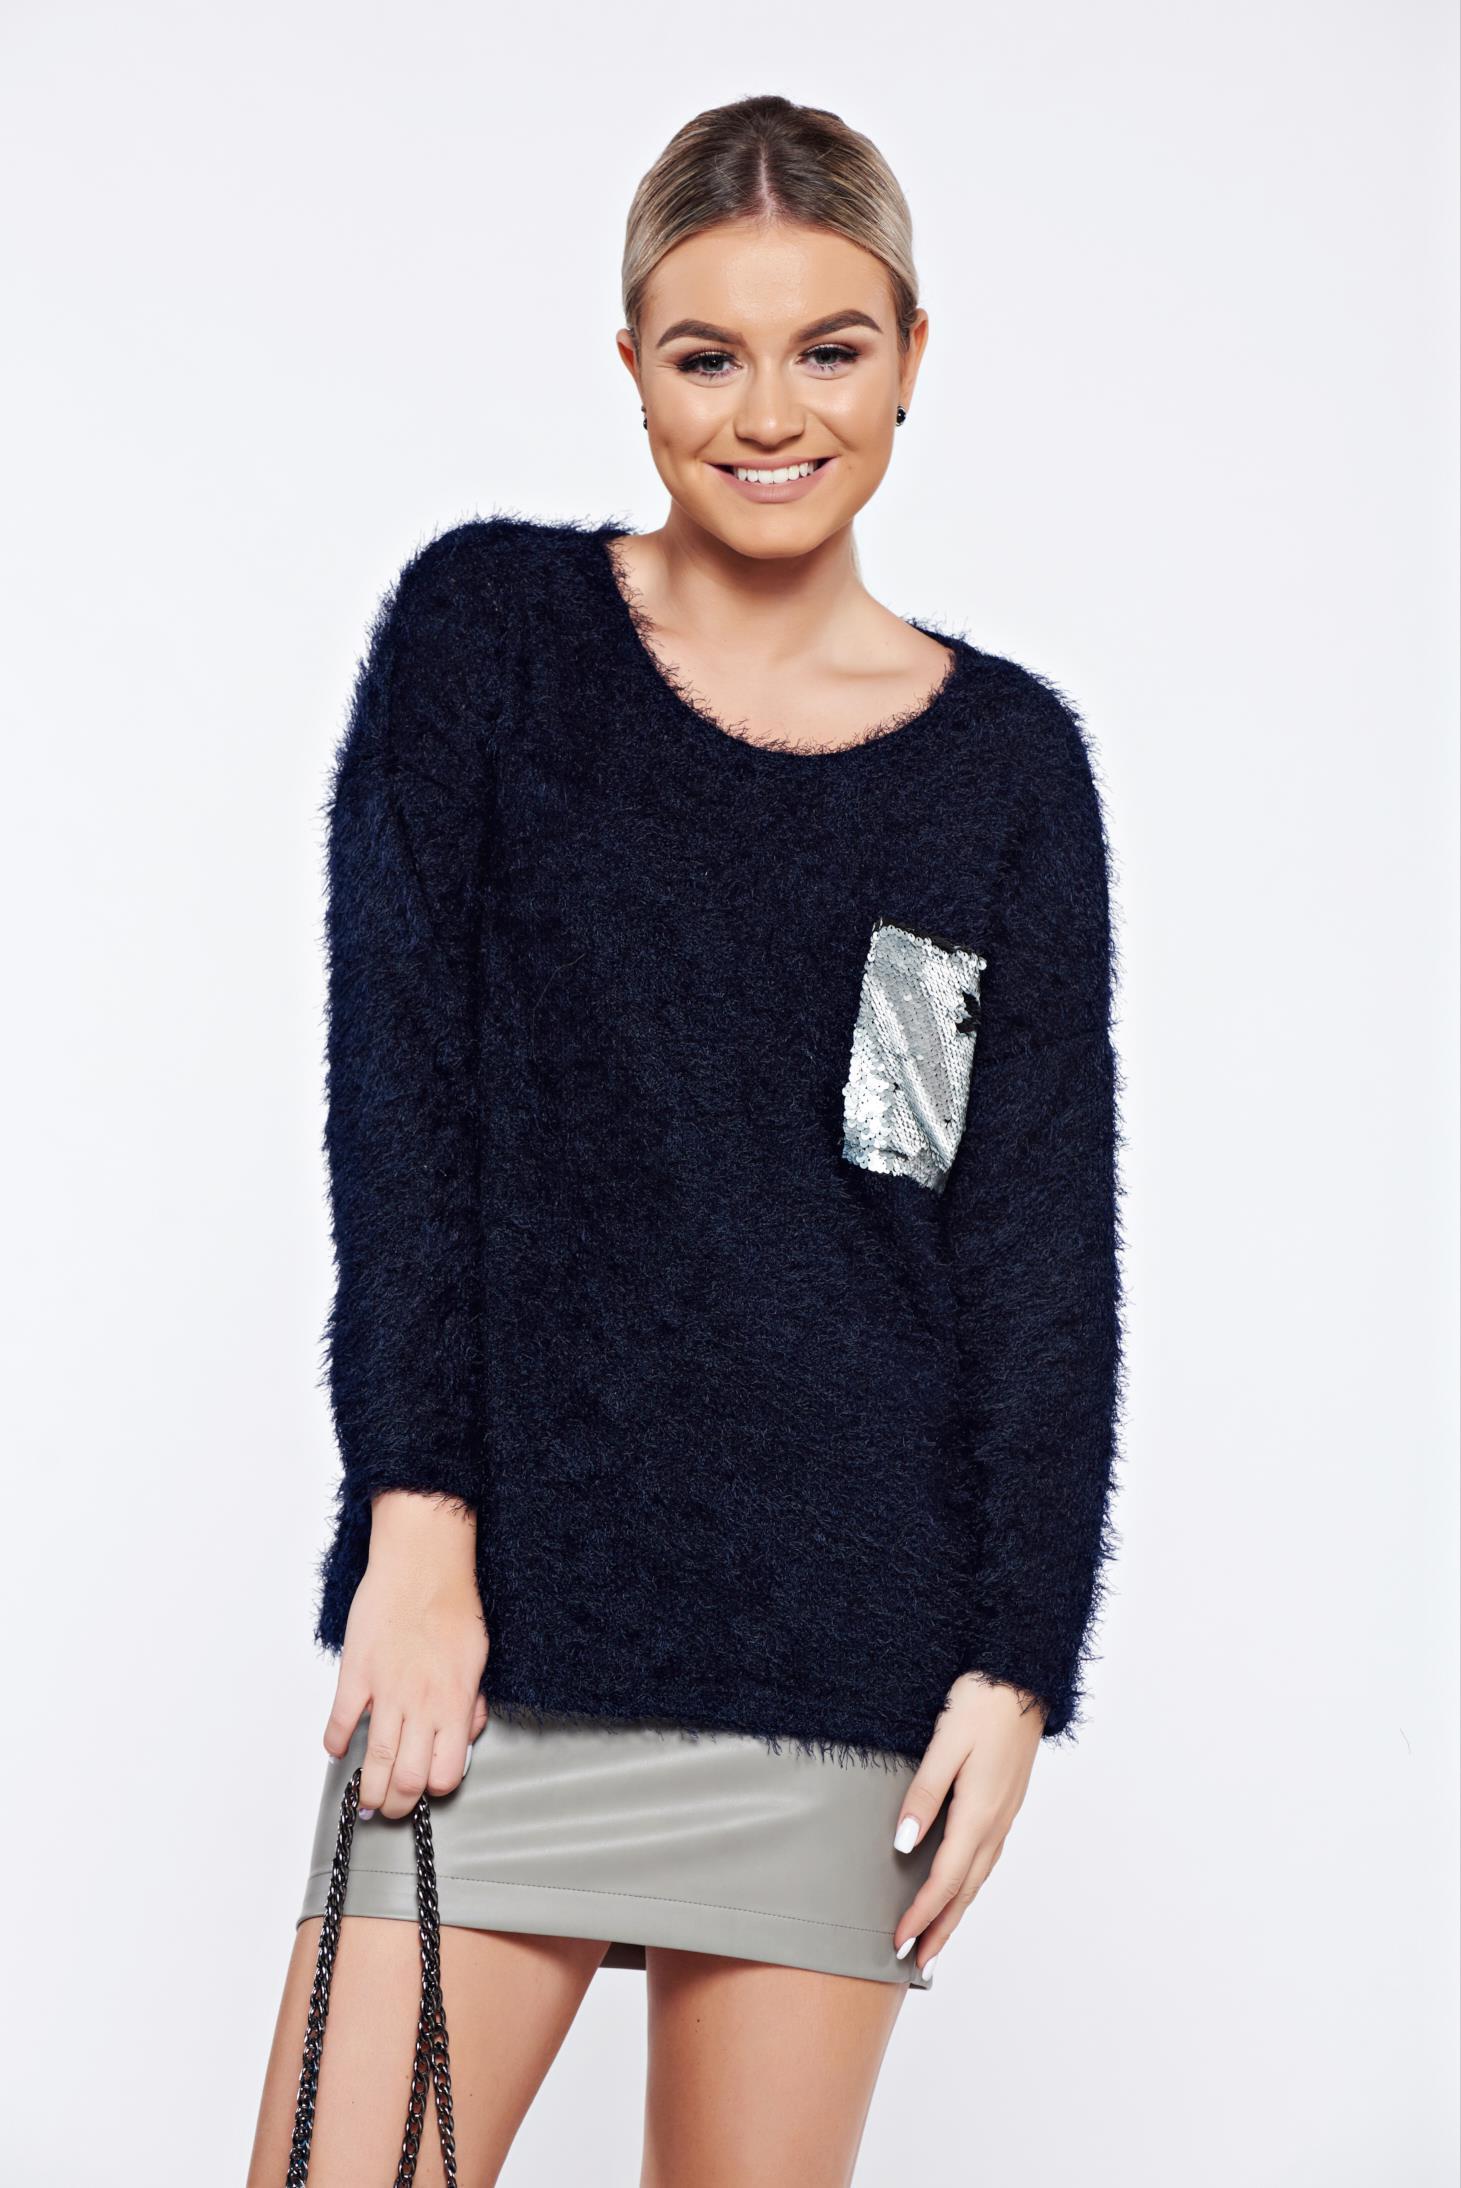 Pulover albastru-inchis casual tricotat aplicatii cu paiete